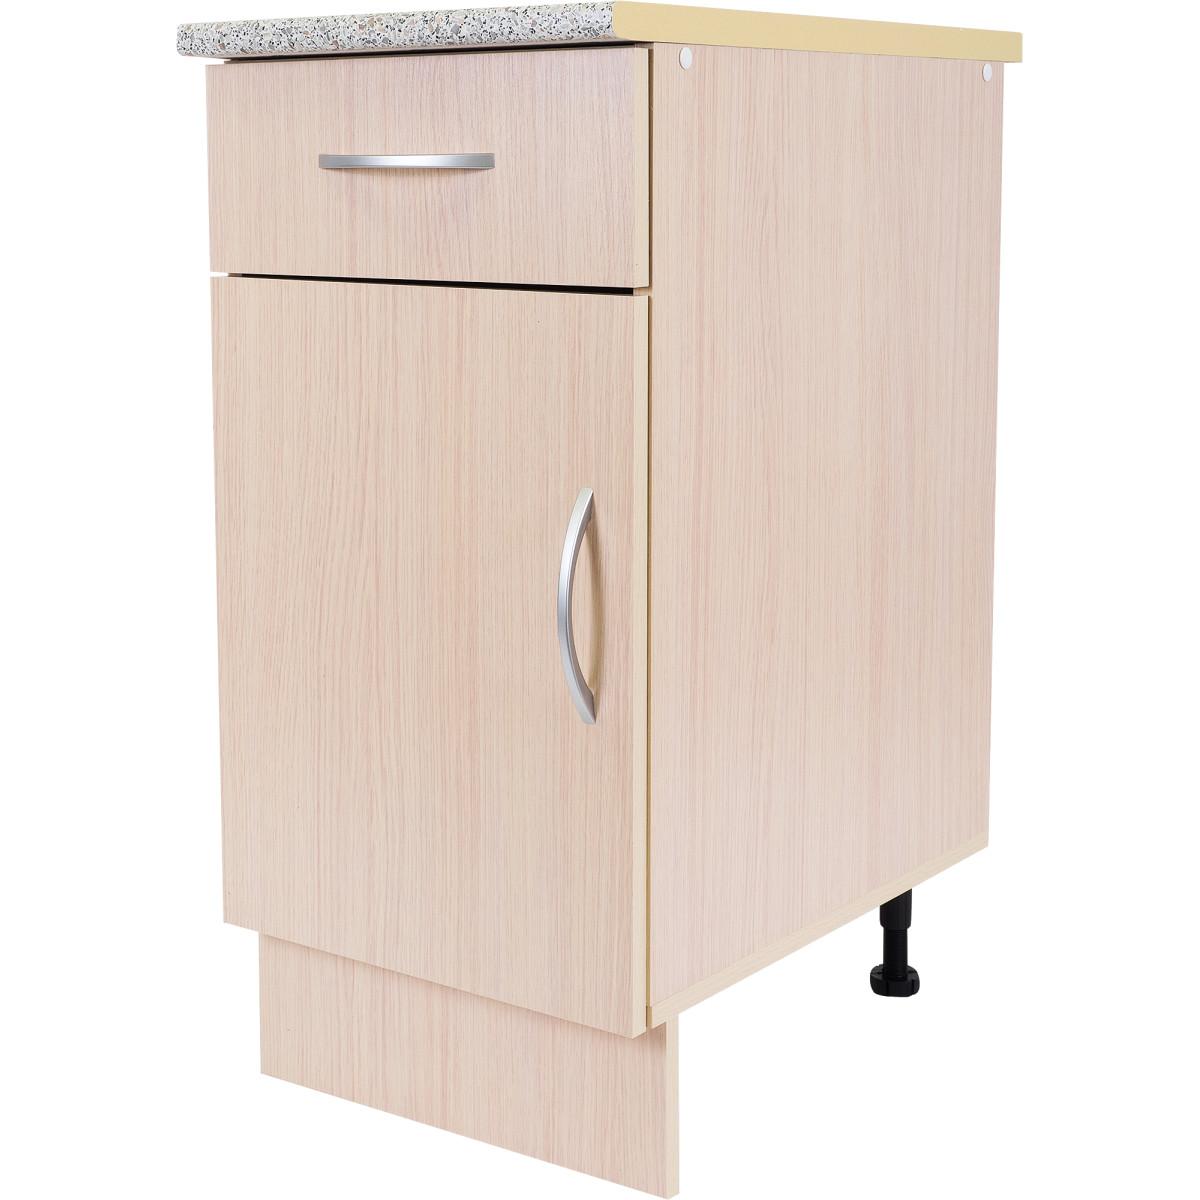 Шкаф напольный Дуб Молочный Д с фасадом и одним ящиком 86х40 см цвет дуб